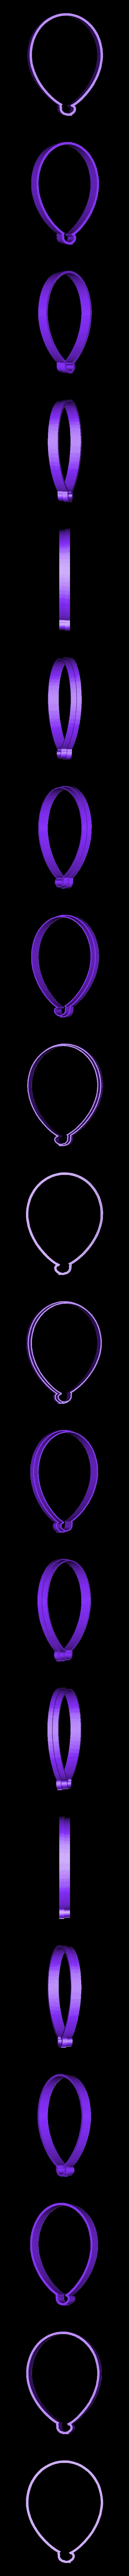 GLOBO.STL Télécharger fichier STL gratuit JEU DE 7 EMPORTE-PIÈCES POUR LES ANNIVERSAIRES • Modèle pour impression 3D, icepro10